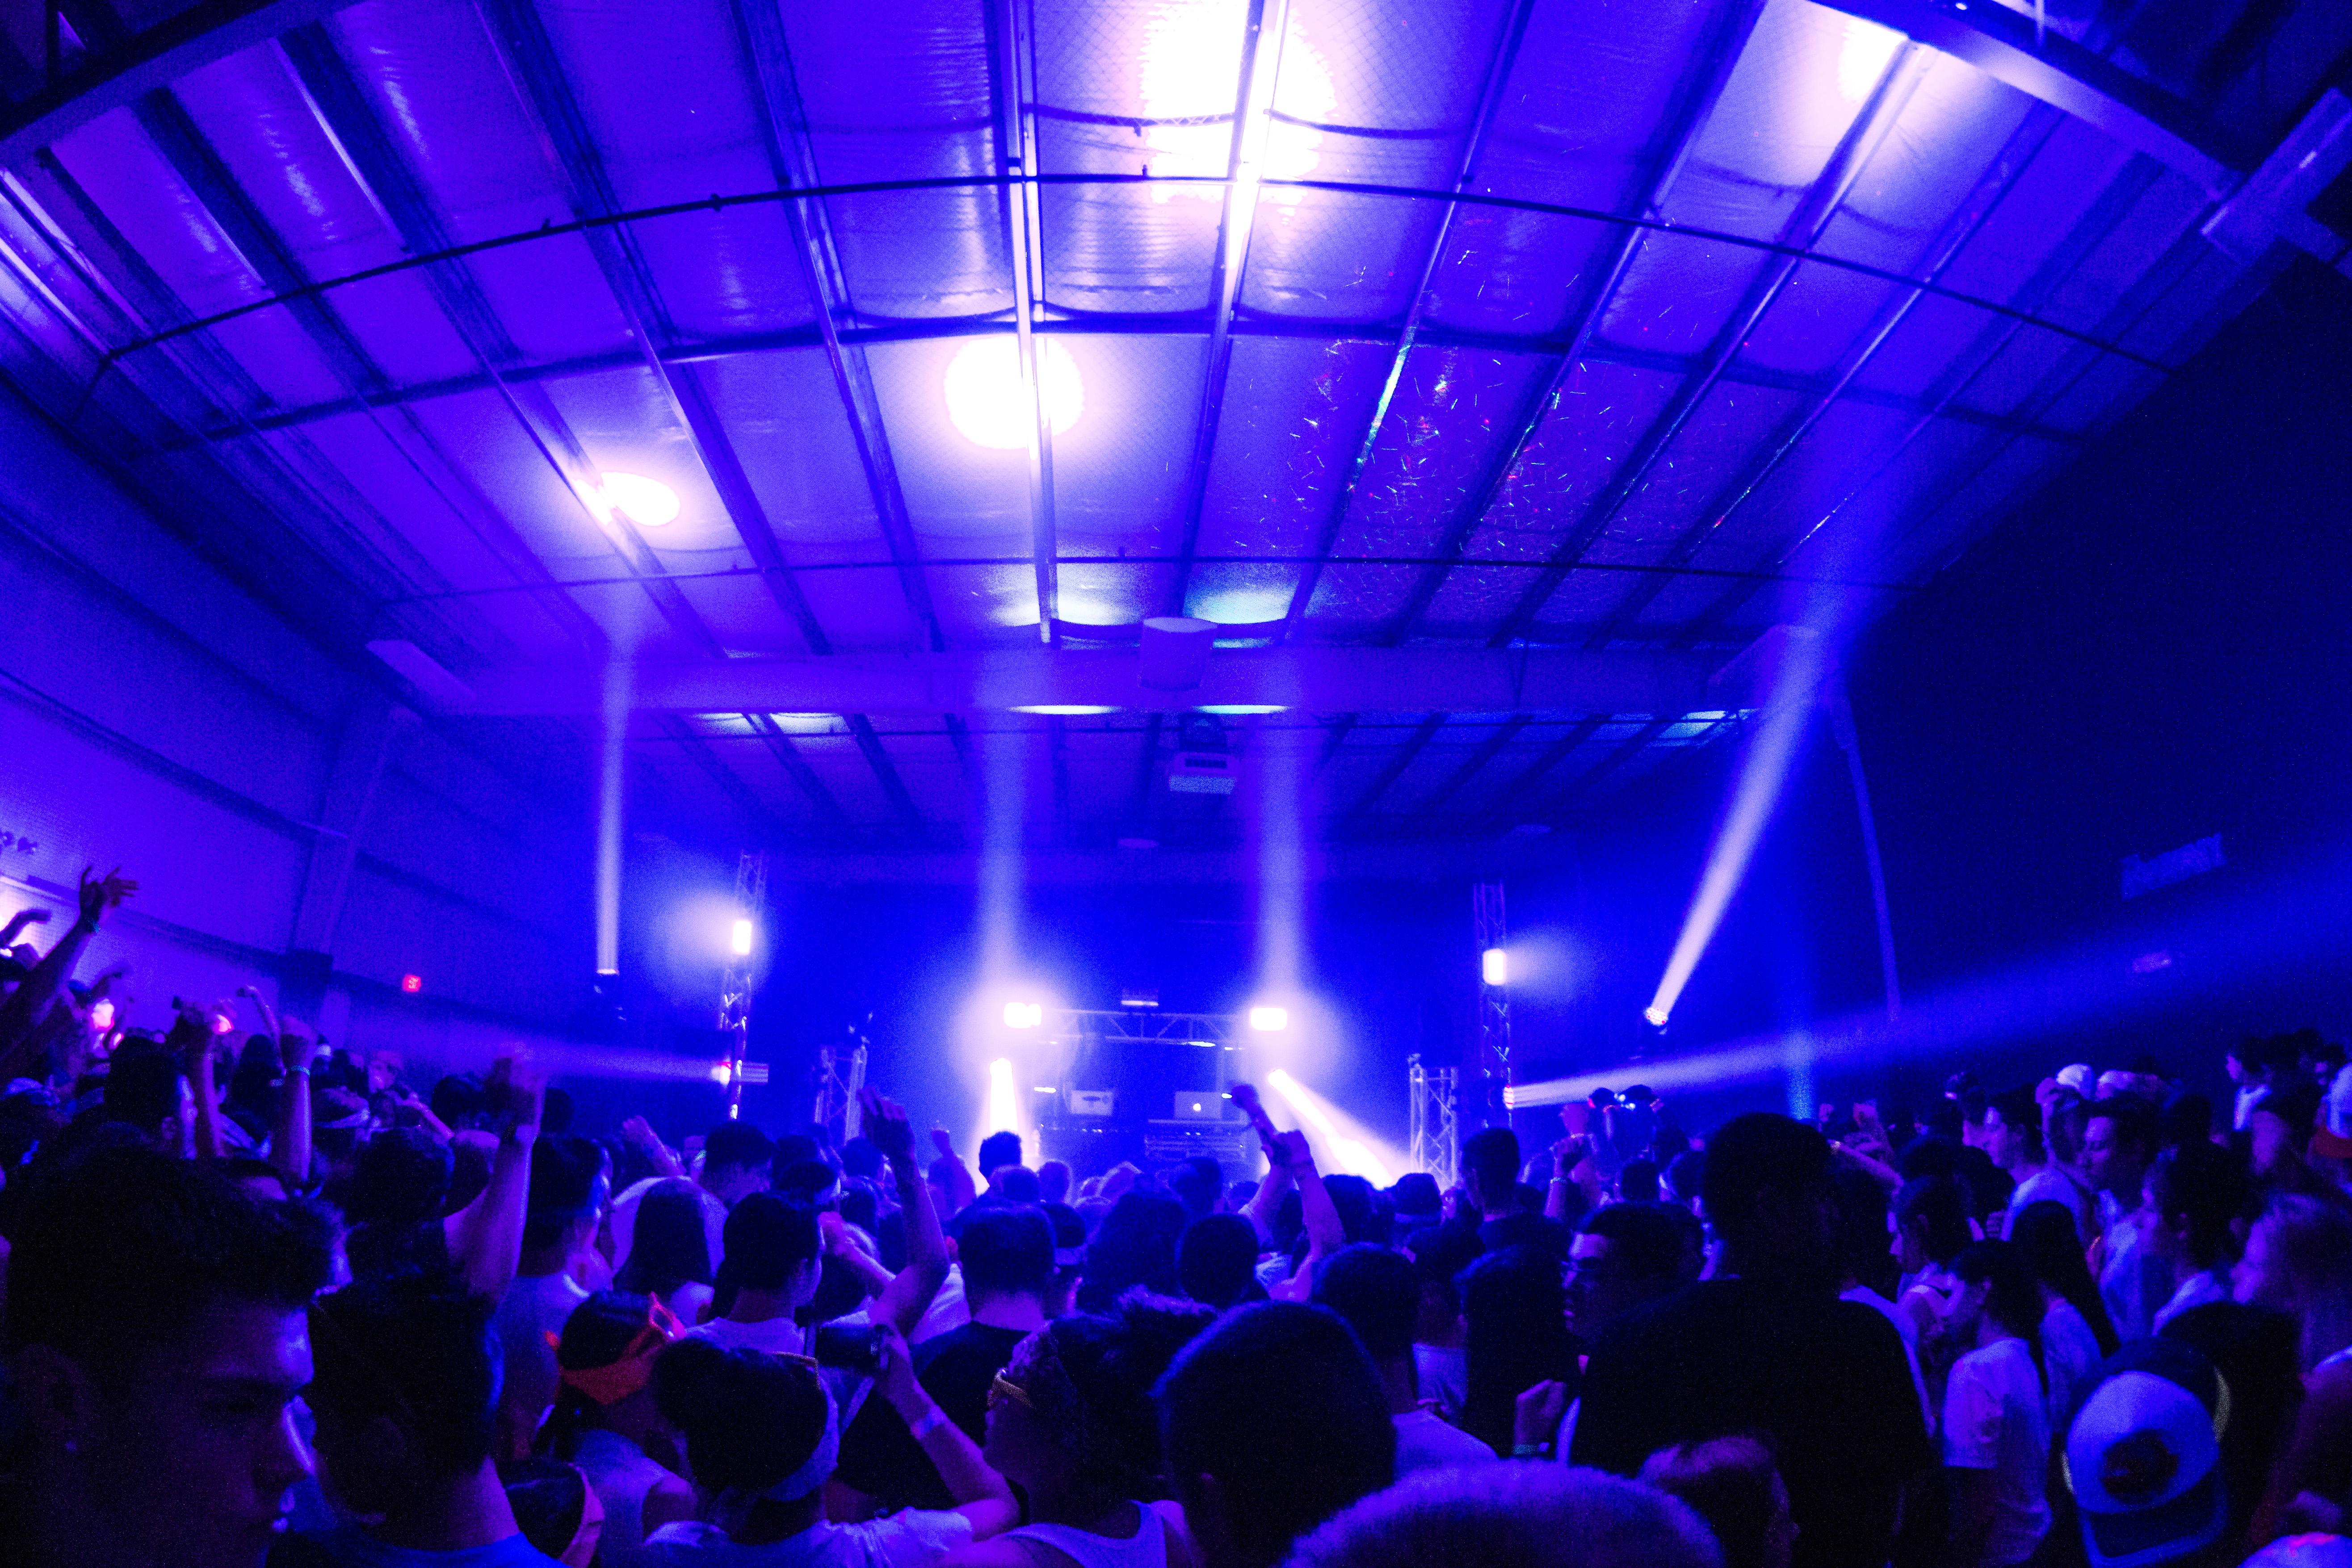 PA, NJ, NY DJ's